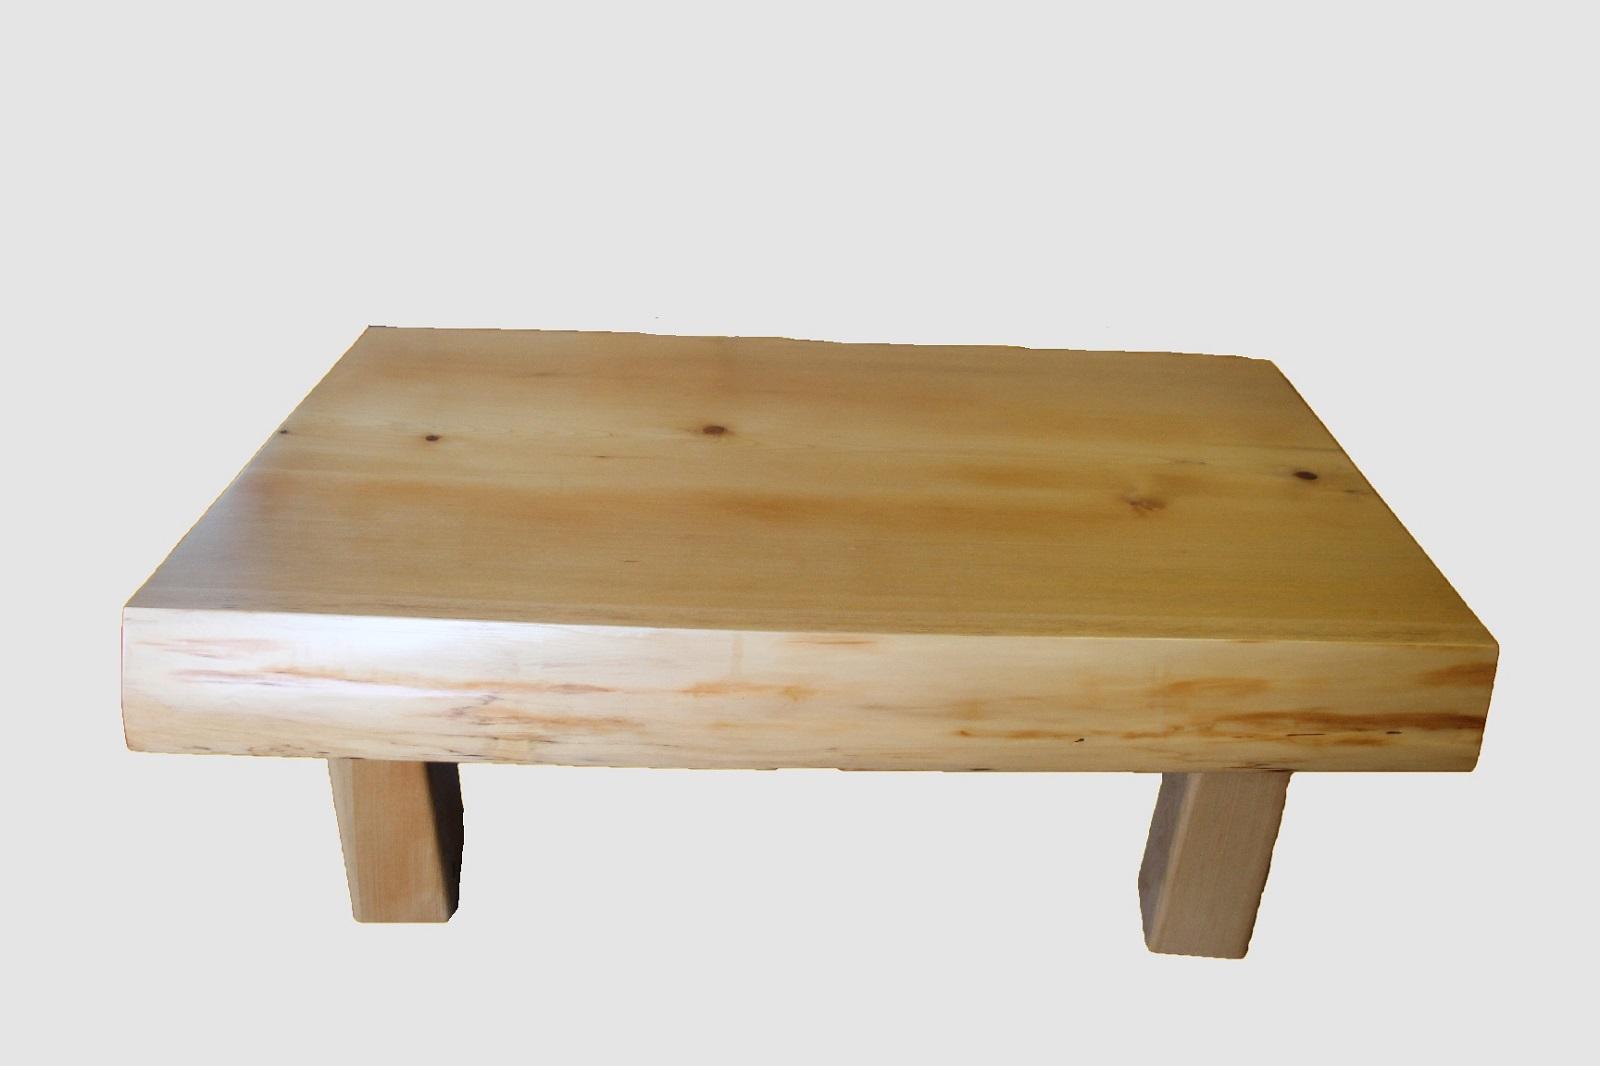 【50】座卓(テーブル)ヒノキ・一枚天板【厚さ約9.5cm】